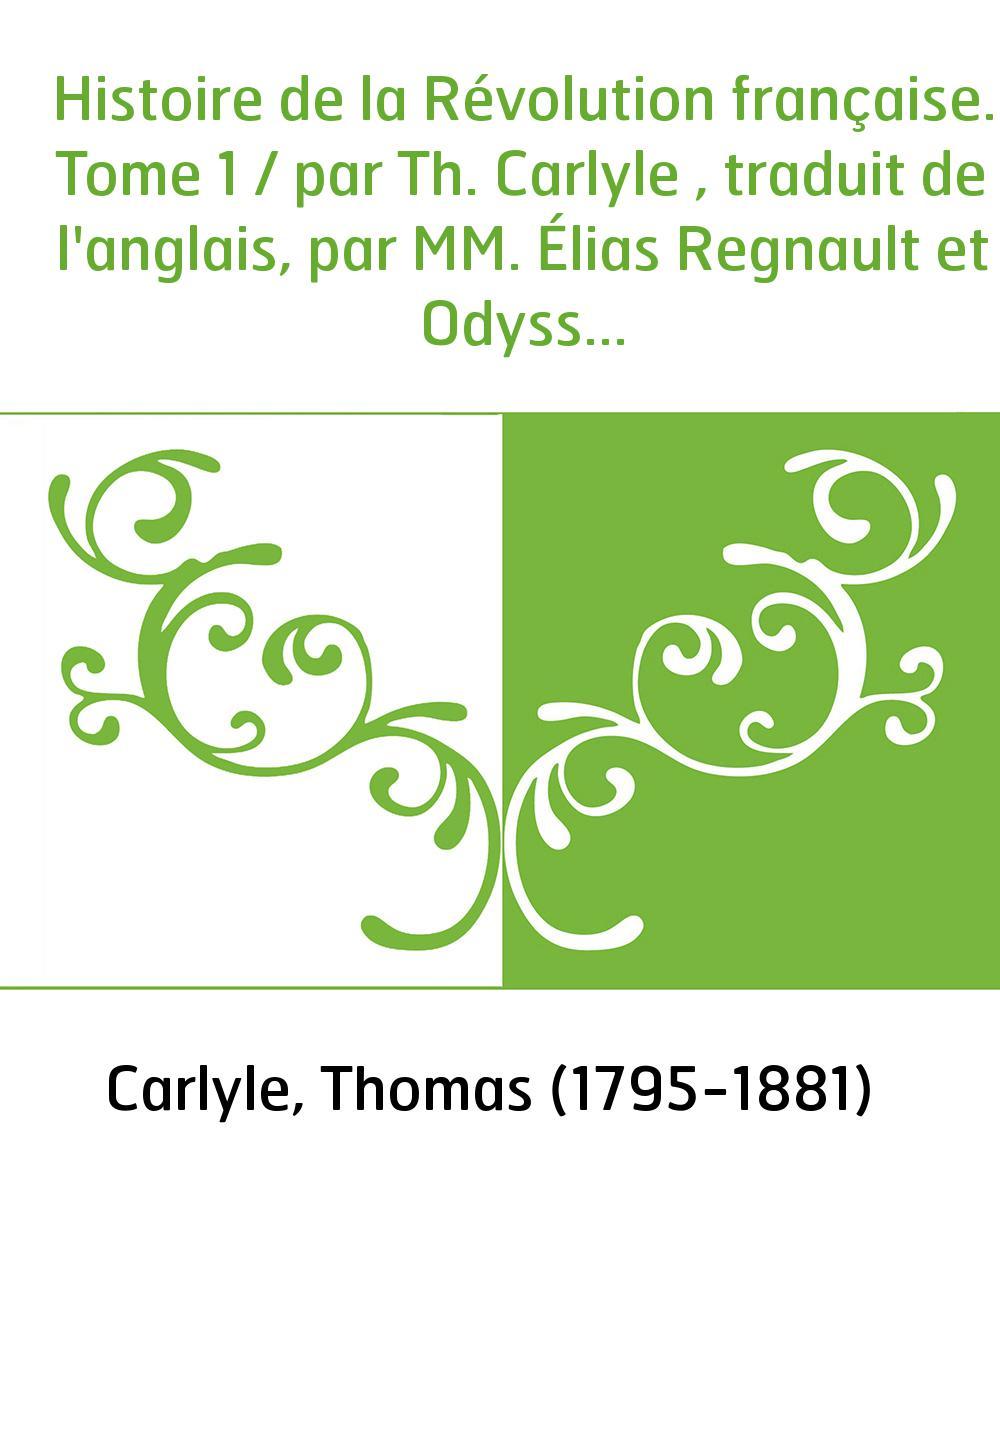 Histoire de la Révolution française. Tome 1 / par Th. Carlyle , traduit de l'anglais, par MM. Élias Regnault et Odysse Barot [pa